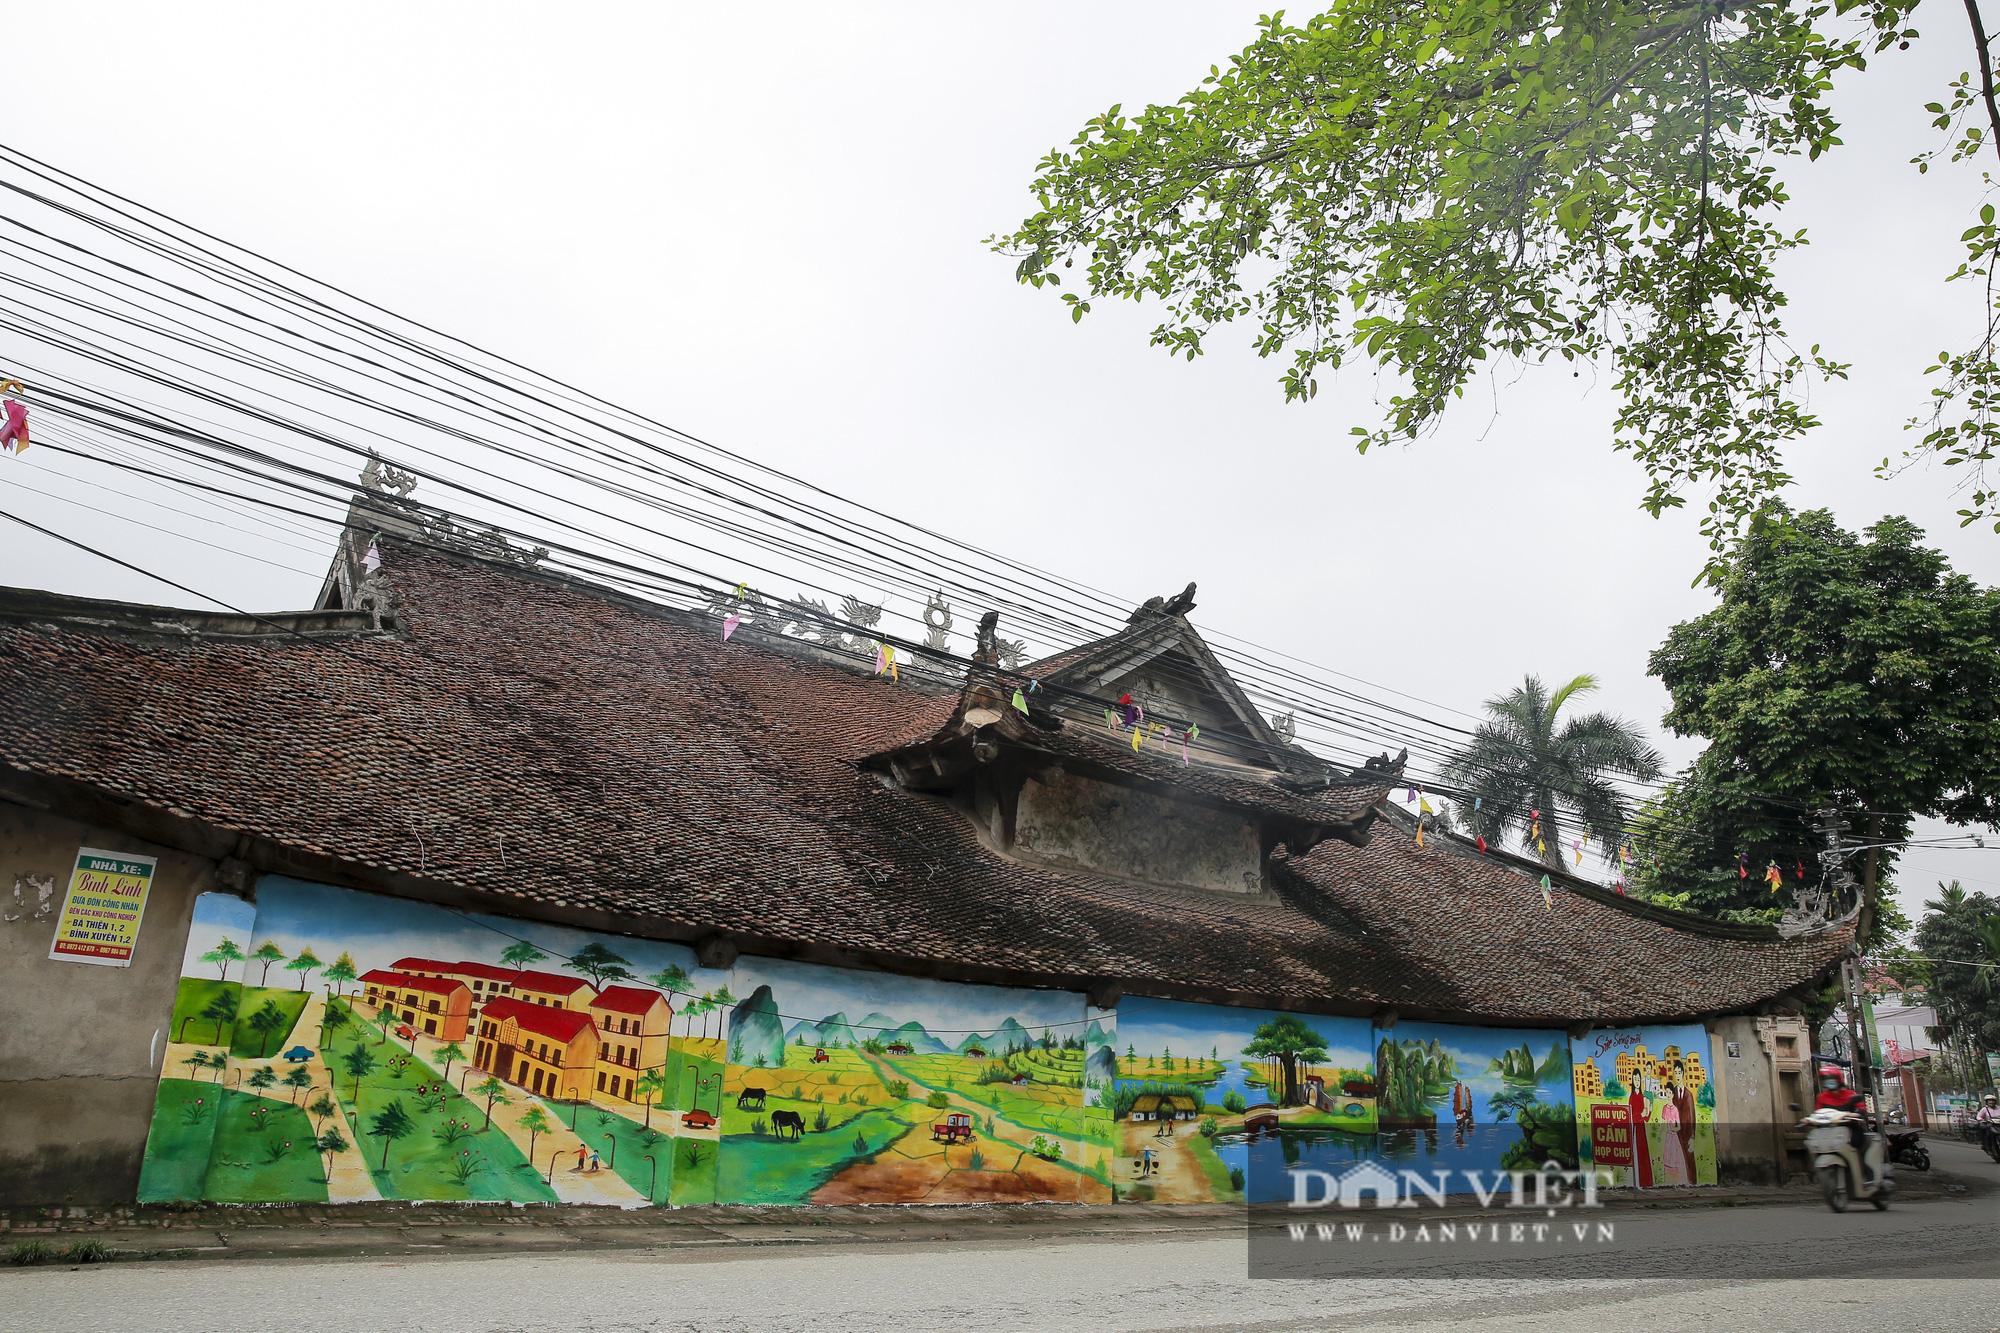 Đình làng cổ gần 200 năm tuổi tại Vĩnh Phúc bị xâm phạm cảnh quan di tích lịch sử  - Ảnh 1.